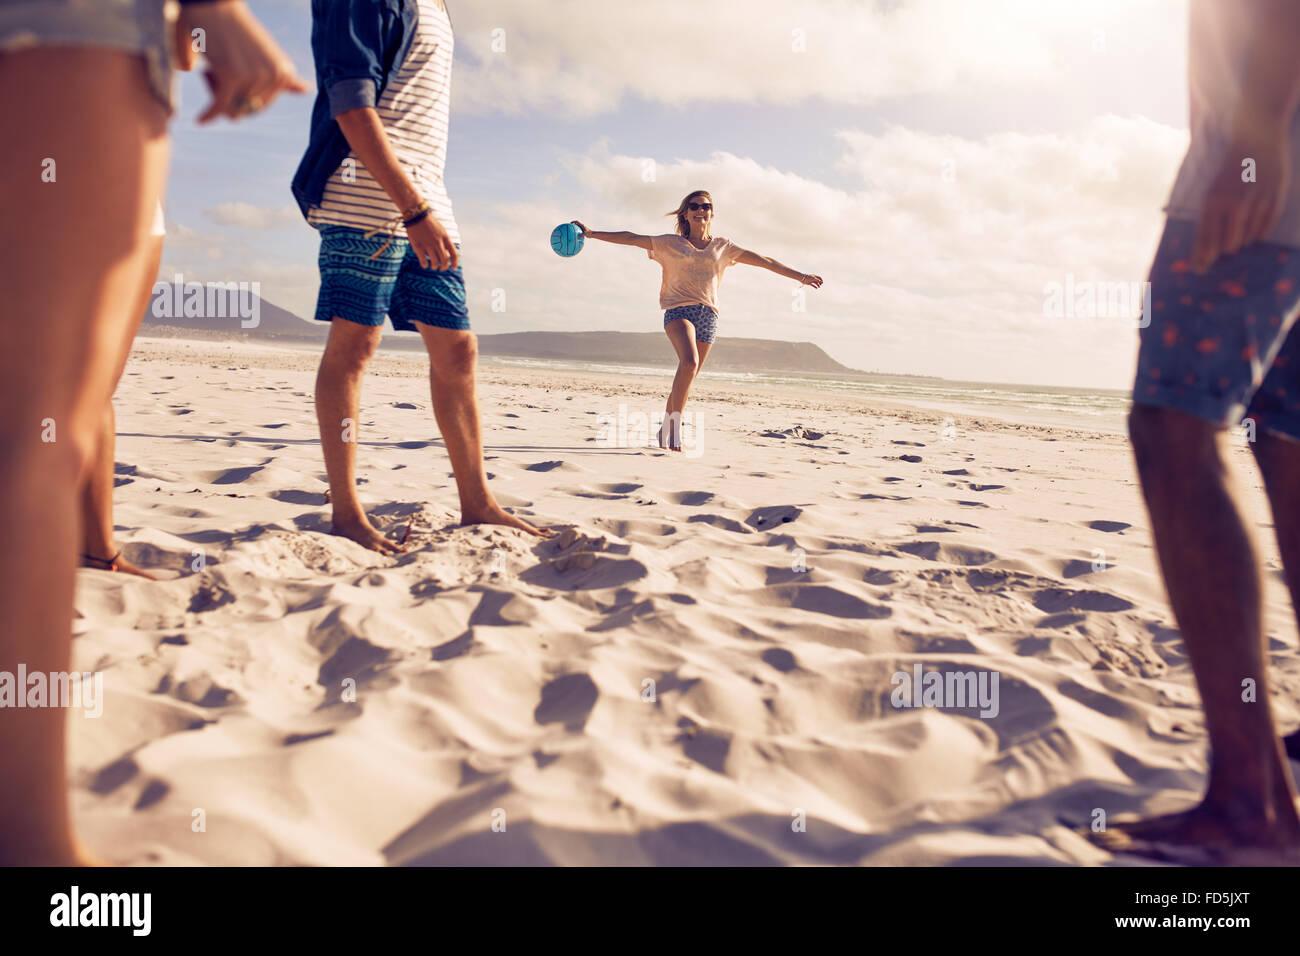 Low angle view of young woman running sur la plage avec un ballon avec ses amis debout devant. Groupe d'amis Photo Stock